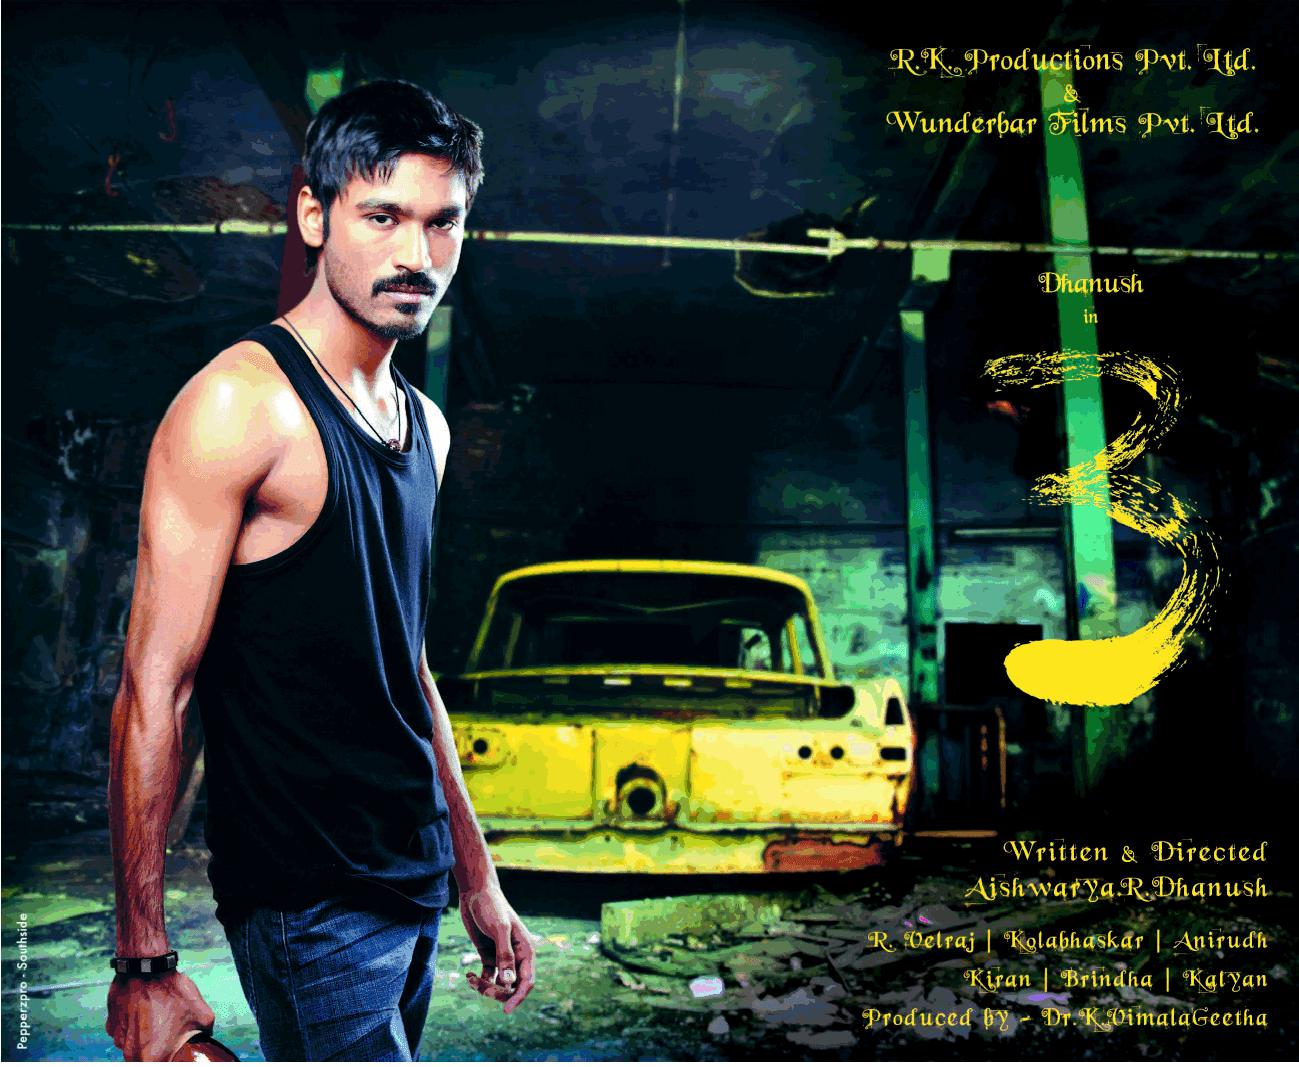 3 (moonu) dhanush tamil movie songs free download - tamil songs